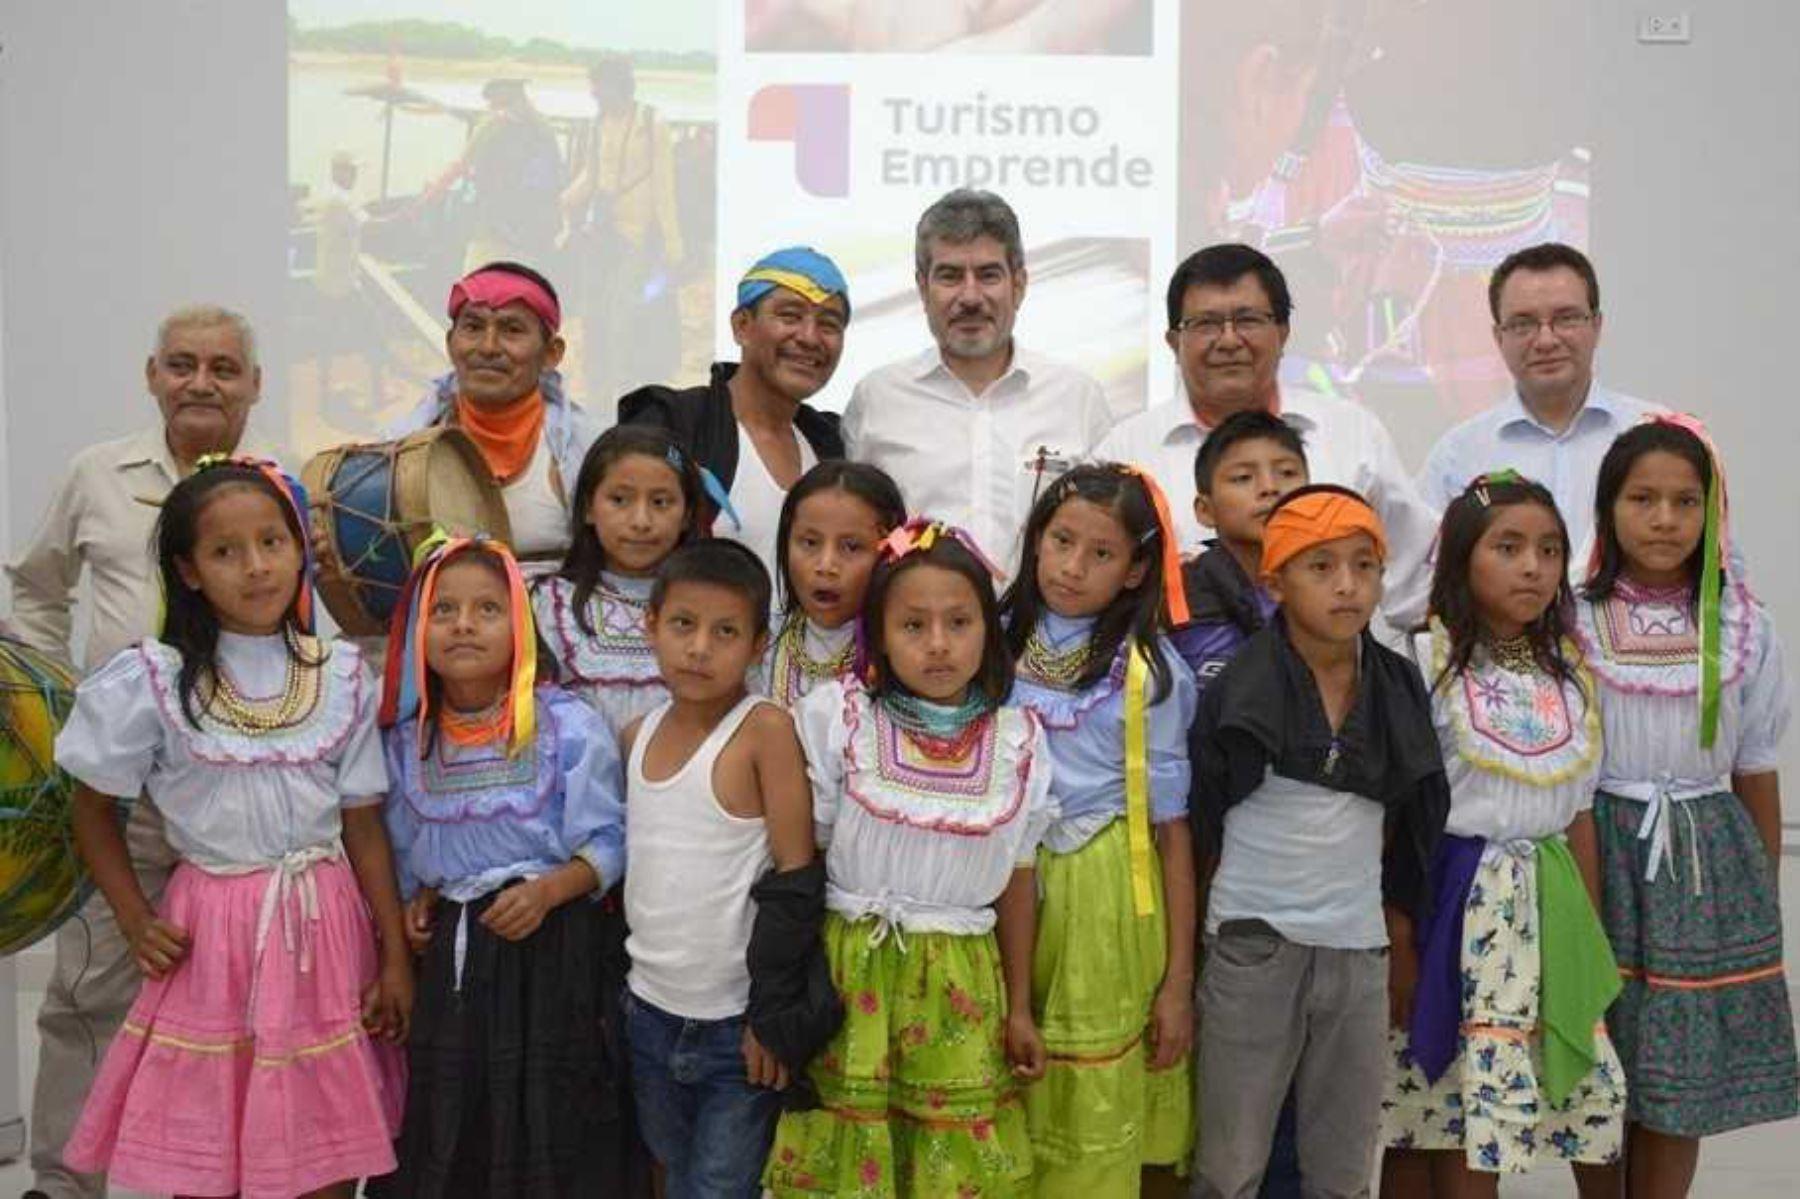 """El ministro de Comercio Exterior y Turismo, Roger Valencia, anunció hoy el inicio de la segunda convocatoria del Programa """"Turismo Emprende"""", a través del cual se entregarán S/ 2.5 millones para financiar nuevos emprendimientos turísticos en el Perú, así como fortalecer aquellos pequeños negocios que se encuentran en marcha."""